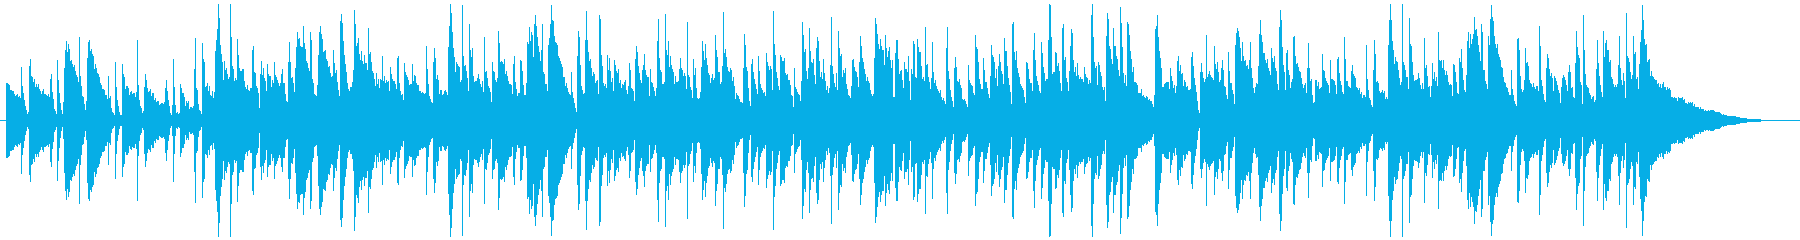 アコースティックギターのシンプル曲生演奏の再生済みの波形